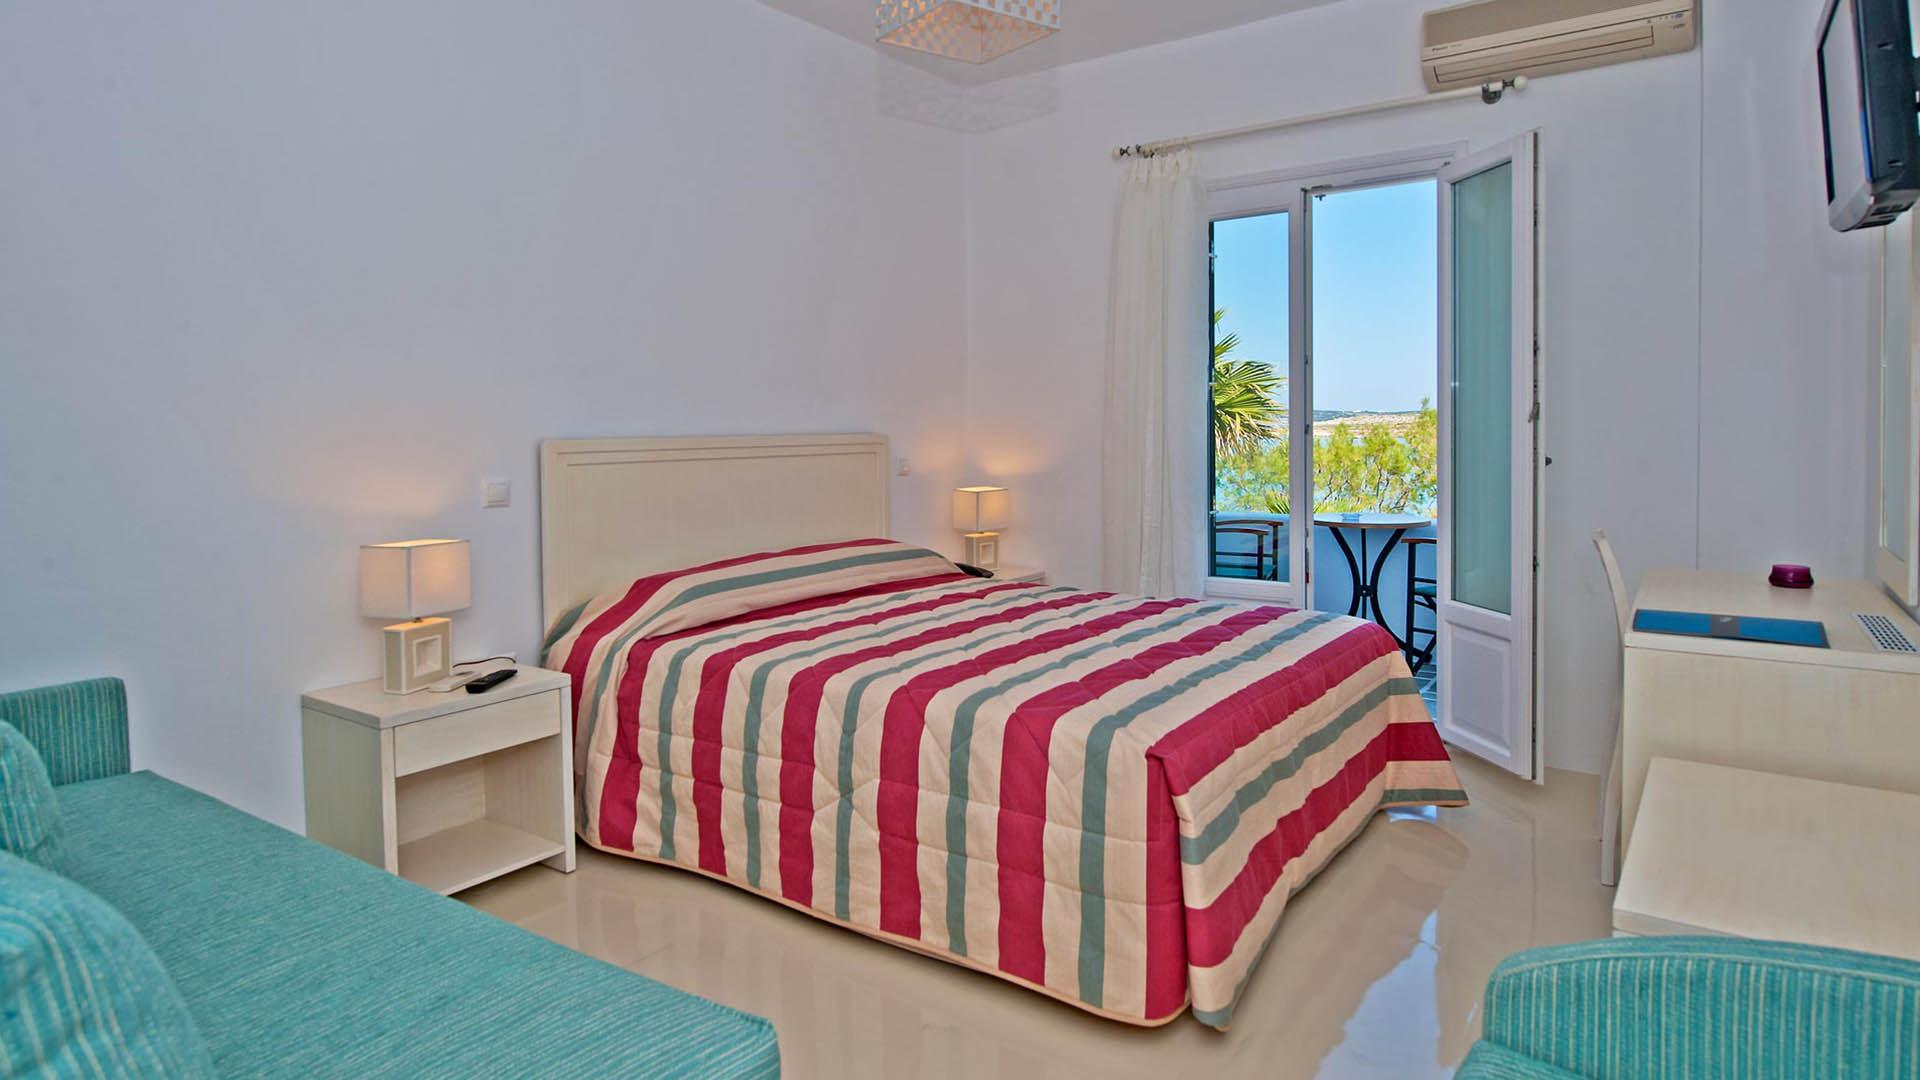 Η-_0001_kalypsohotel-rooms-paros3